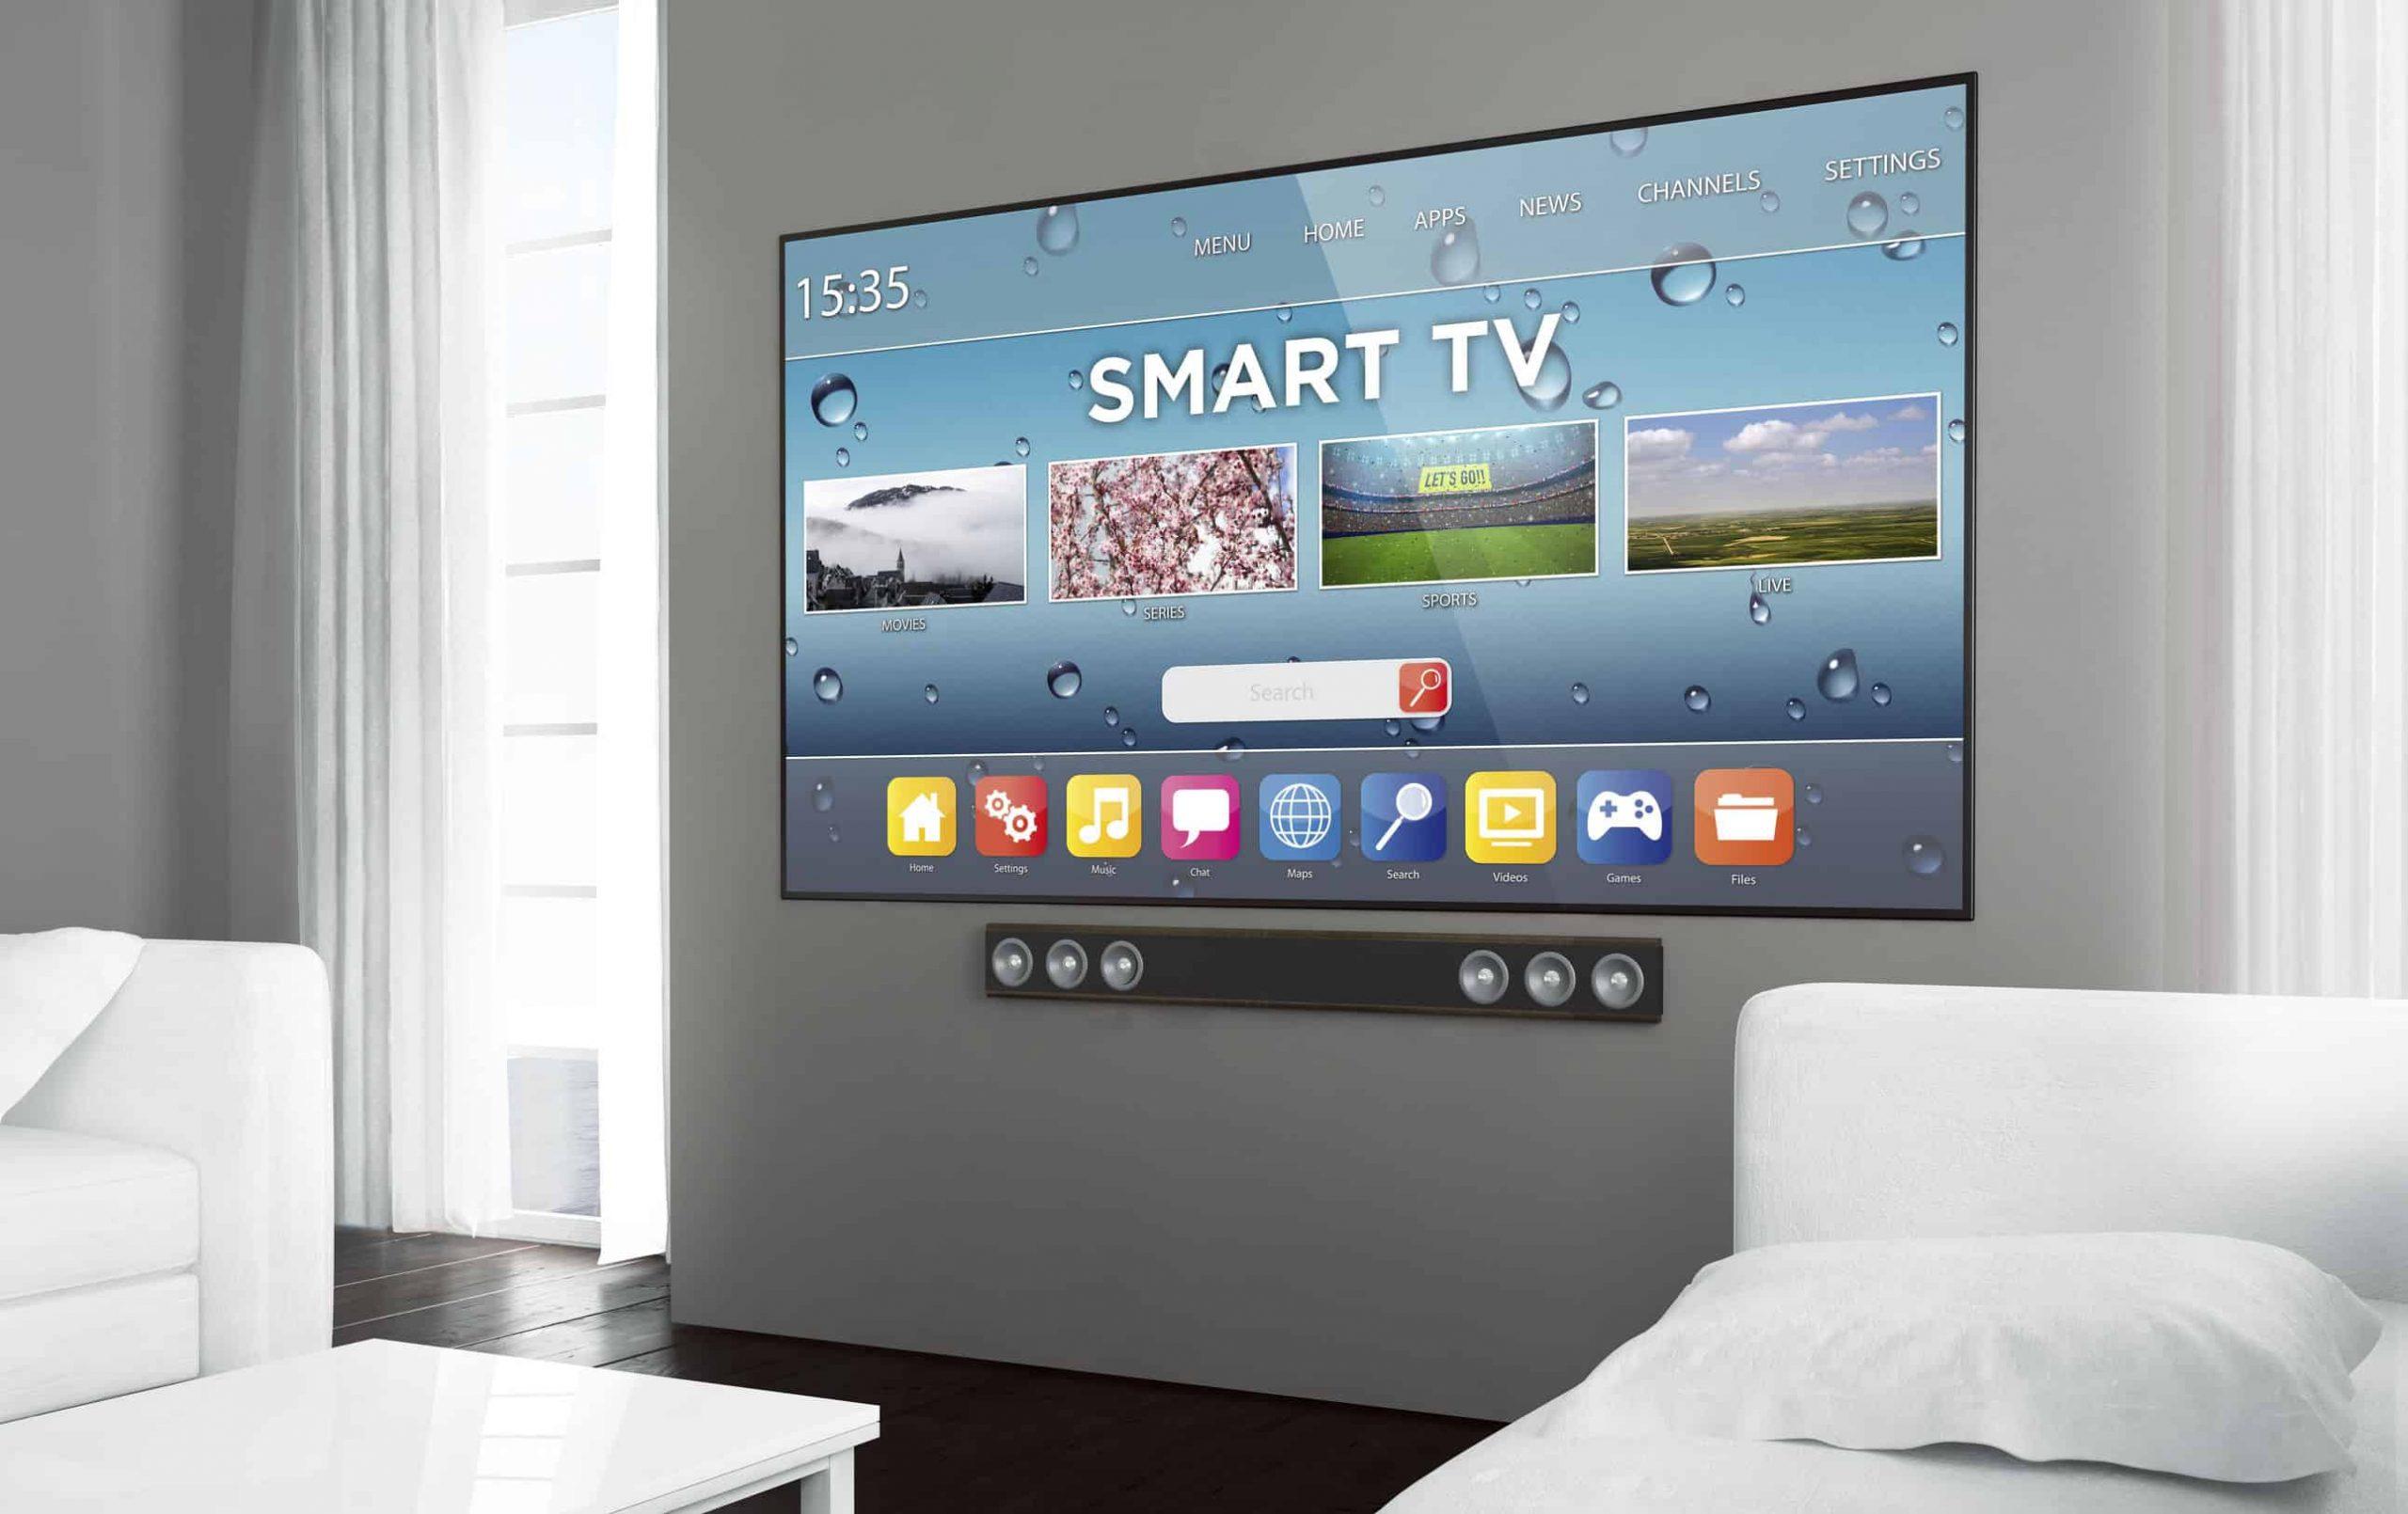 Smart TV Samsung: Como escolher a melhor para você em 2021